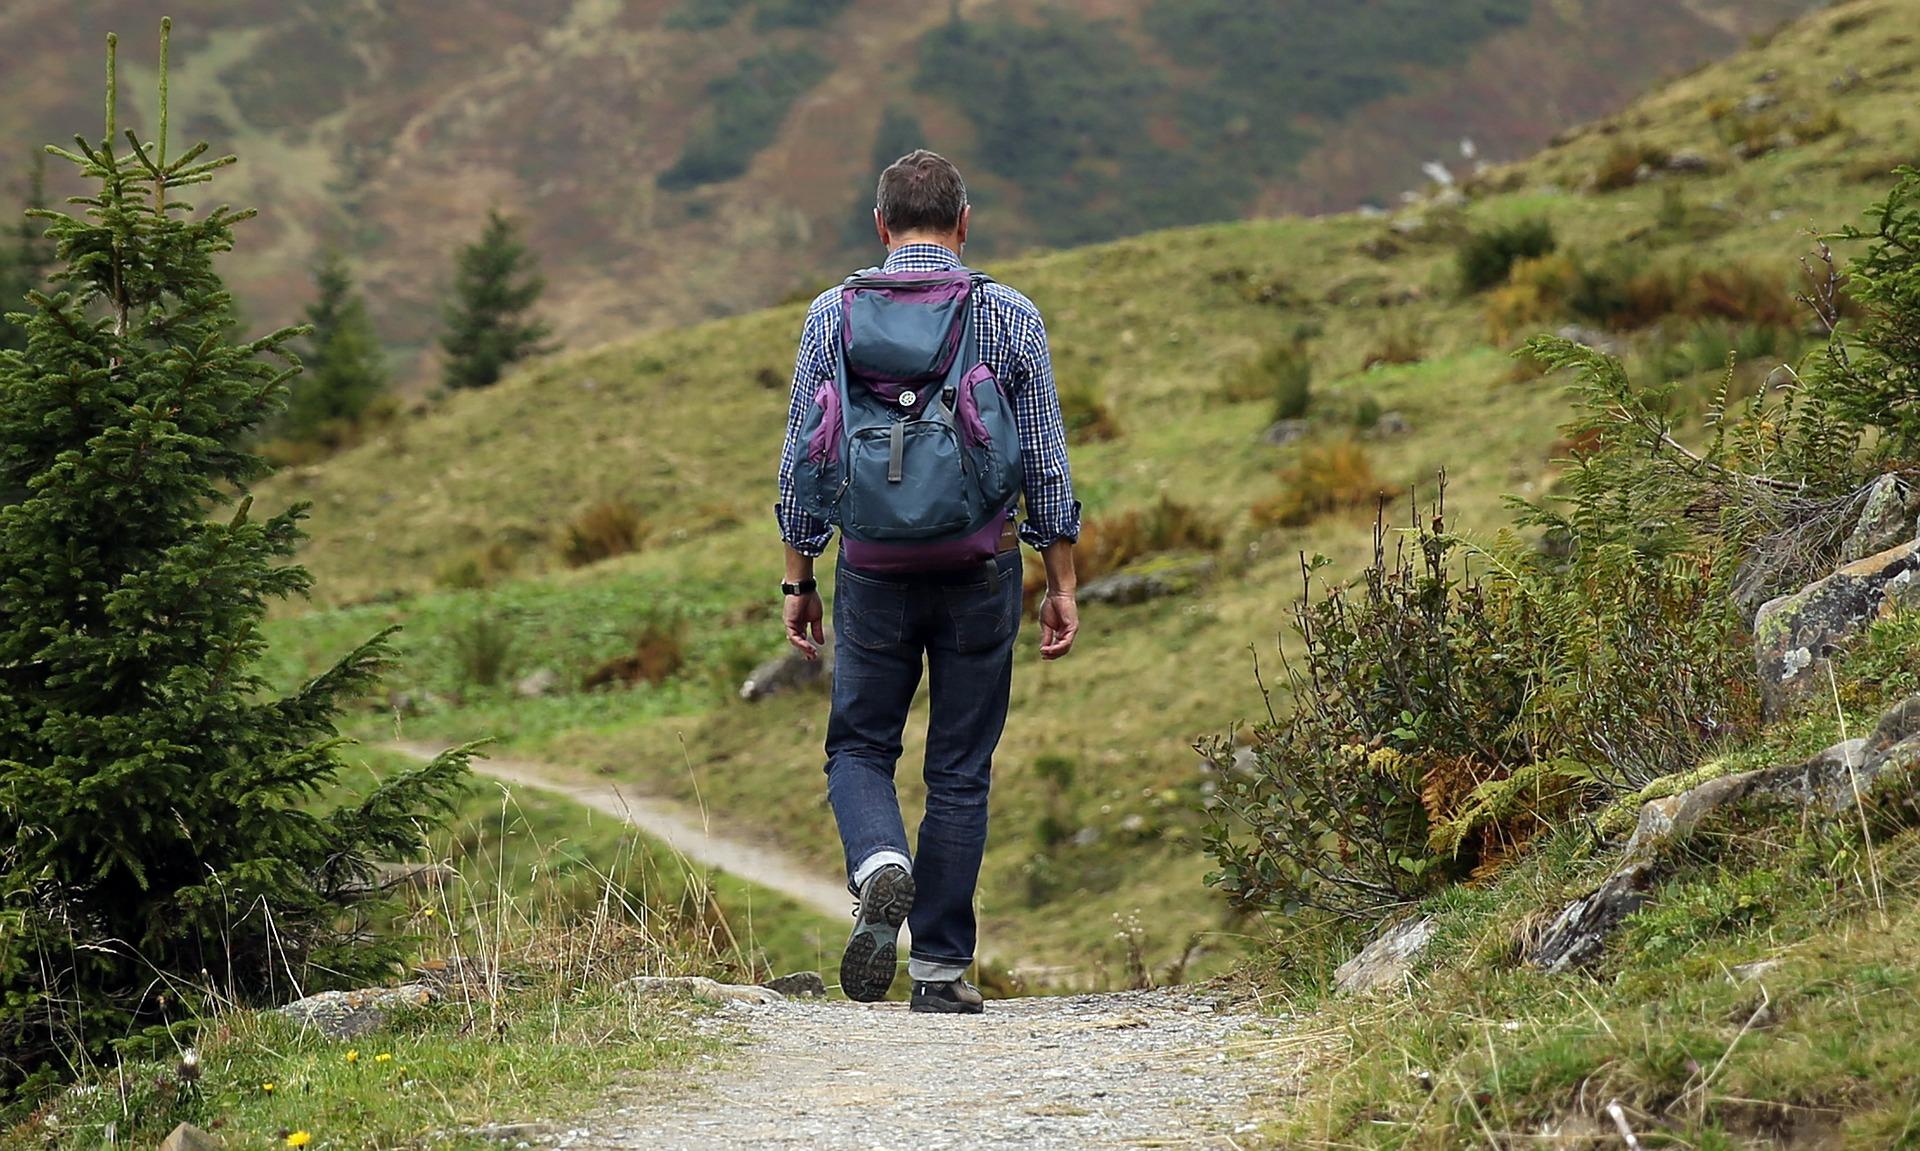 camino-naturaleza-hombre